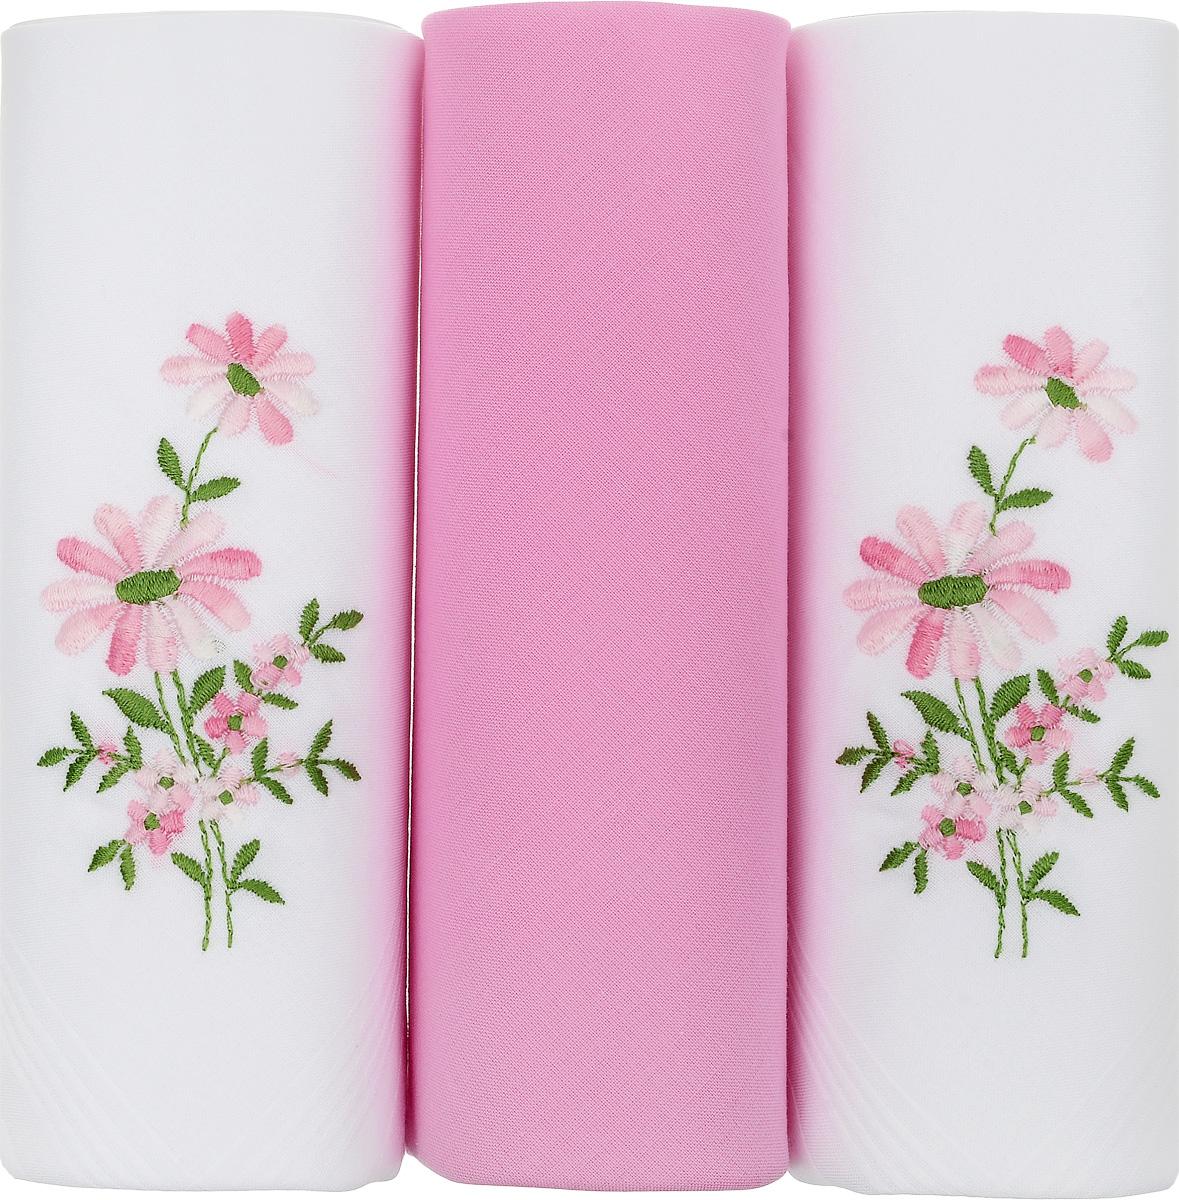 Платок носовой женский Zlata Korunka, цвет: белый, розовый, 3 шт. 25605-18. Размер 30 см х 30 см39864|Серьги с подвескамиНебольшой женский носовой платок Zlata Korunka изготовлен из высококачественного натурального хлопка, благодаря чему приятен в использовании, хорошо стирается, не садится и отлично впитывает влагу. Практичный и изящный носовой платок будет незаменим в повседневной жизни любого современного человека. Такой платок послужит стильным аксессуаром и подчеркнет ваше превосходное чувство вкуса.В комплекте 3 платка.